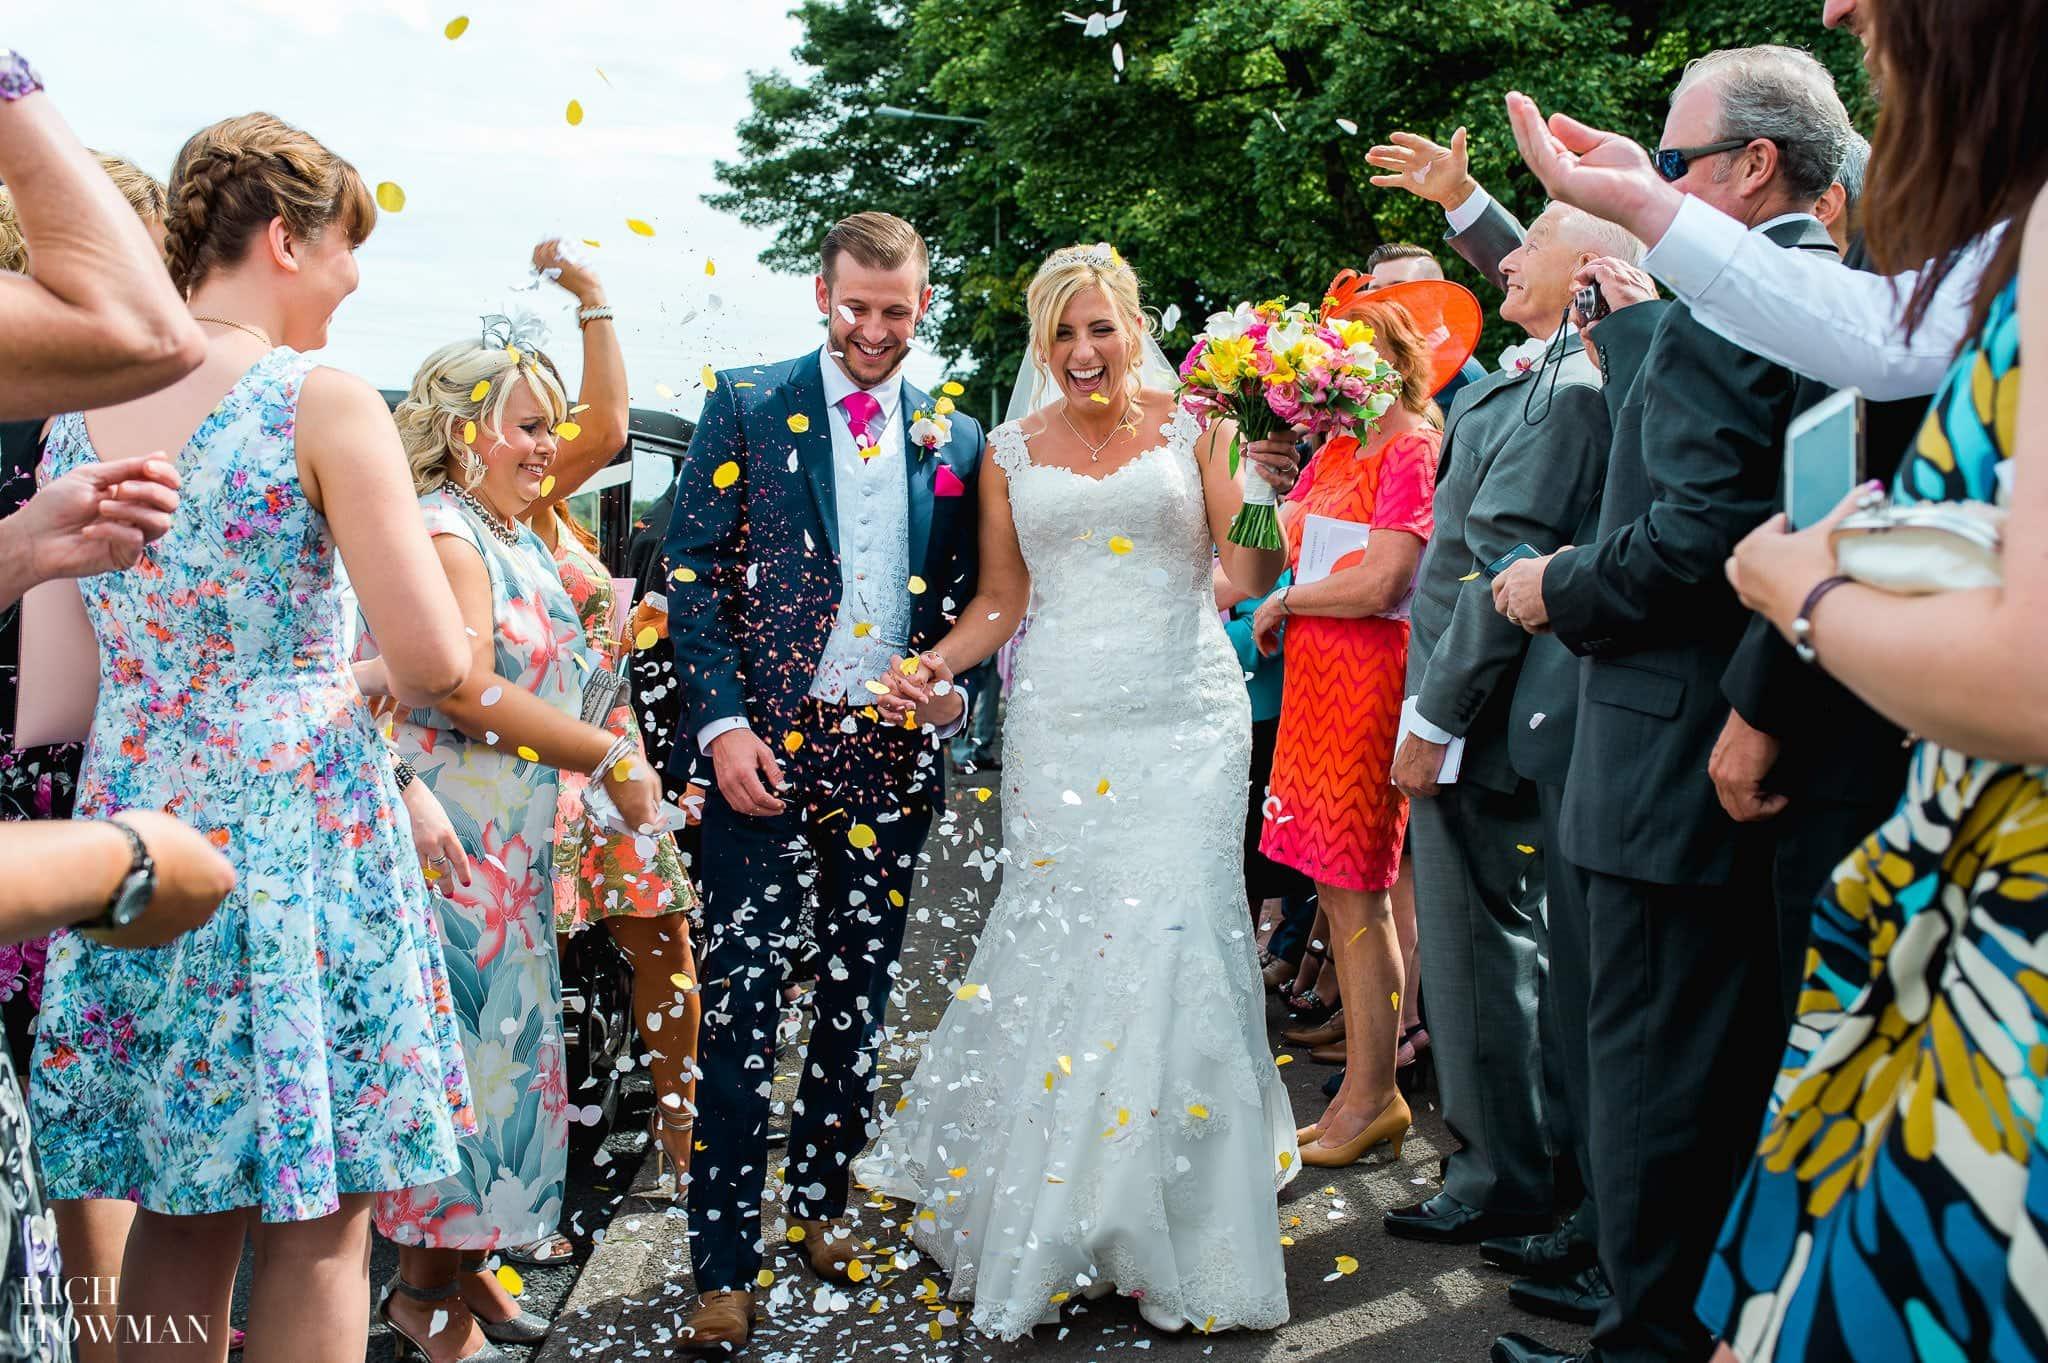 Llanerch Vineyard Wedding Photography by Rich Howman 35